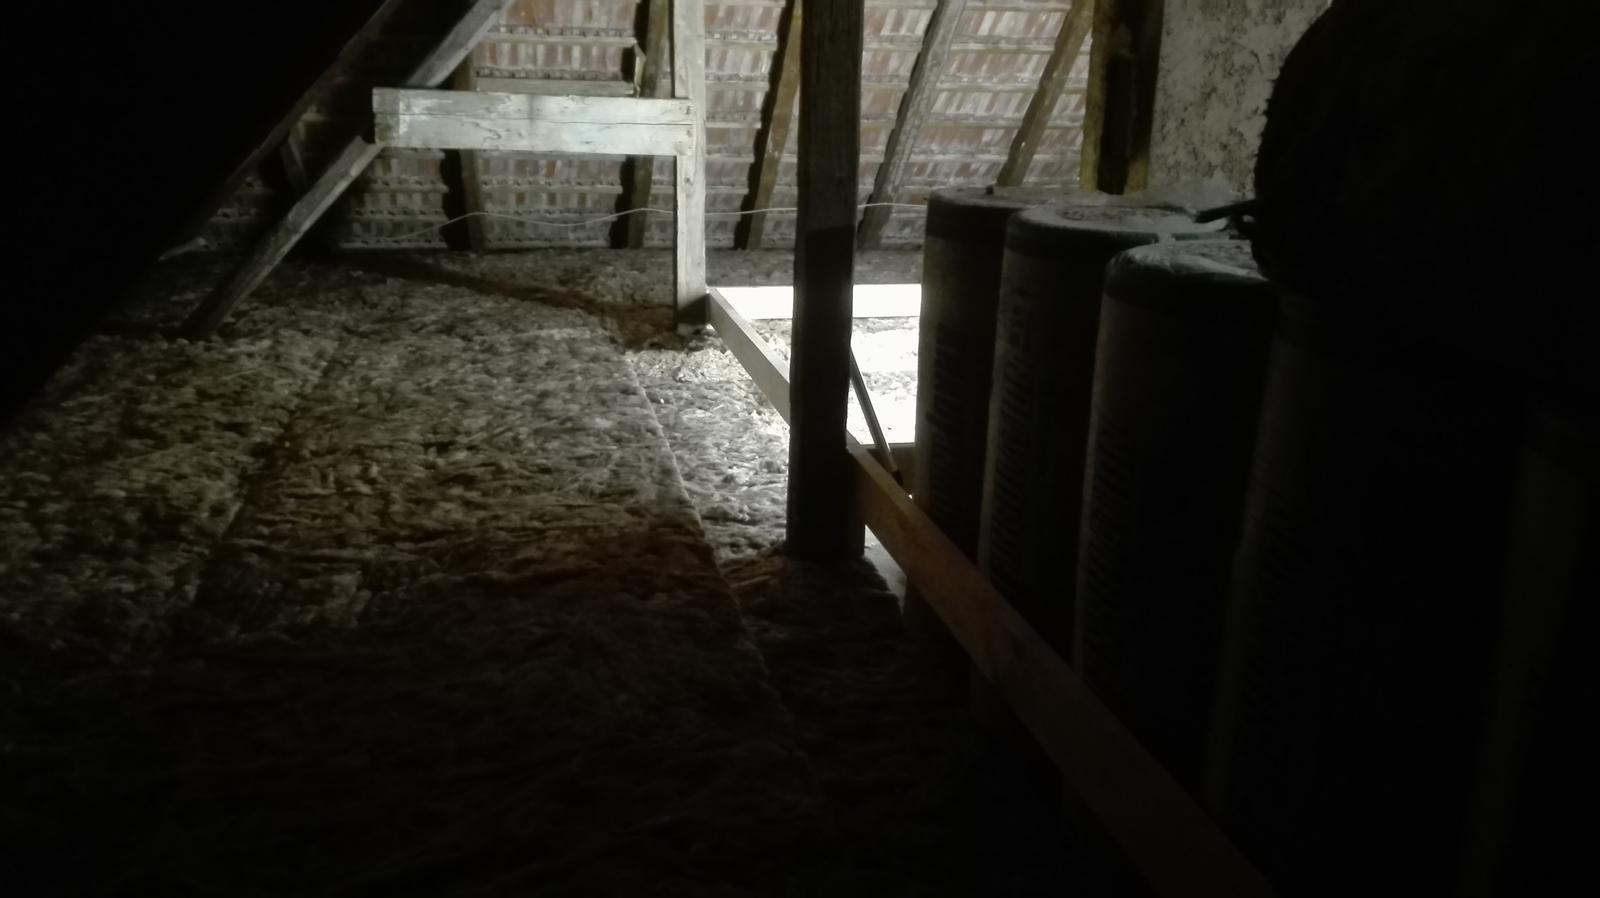 Zlepsenie tepelnoizolacnych vlastností tramoveho stropu - Obrázok č. 18